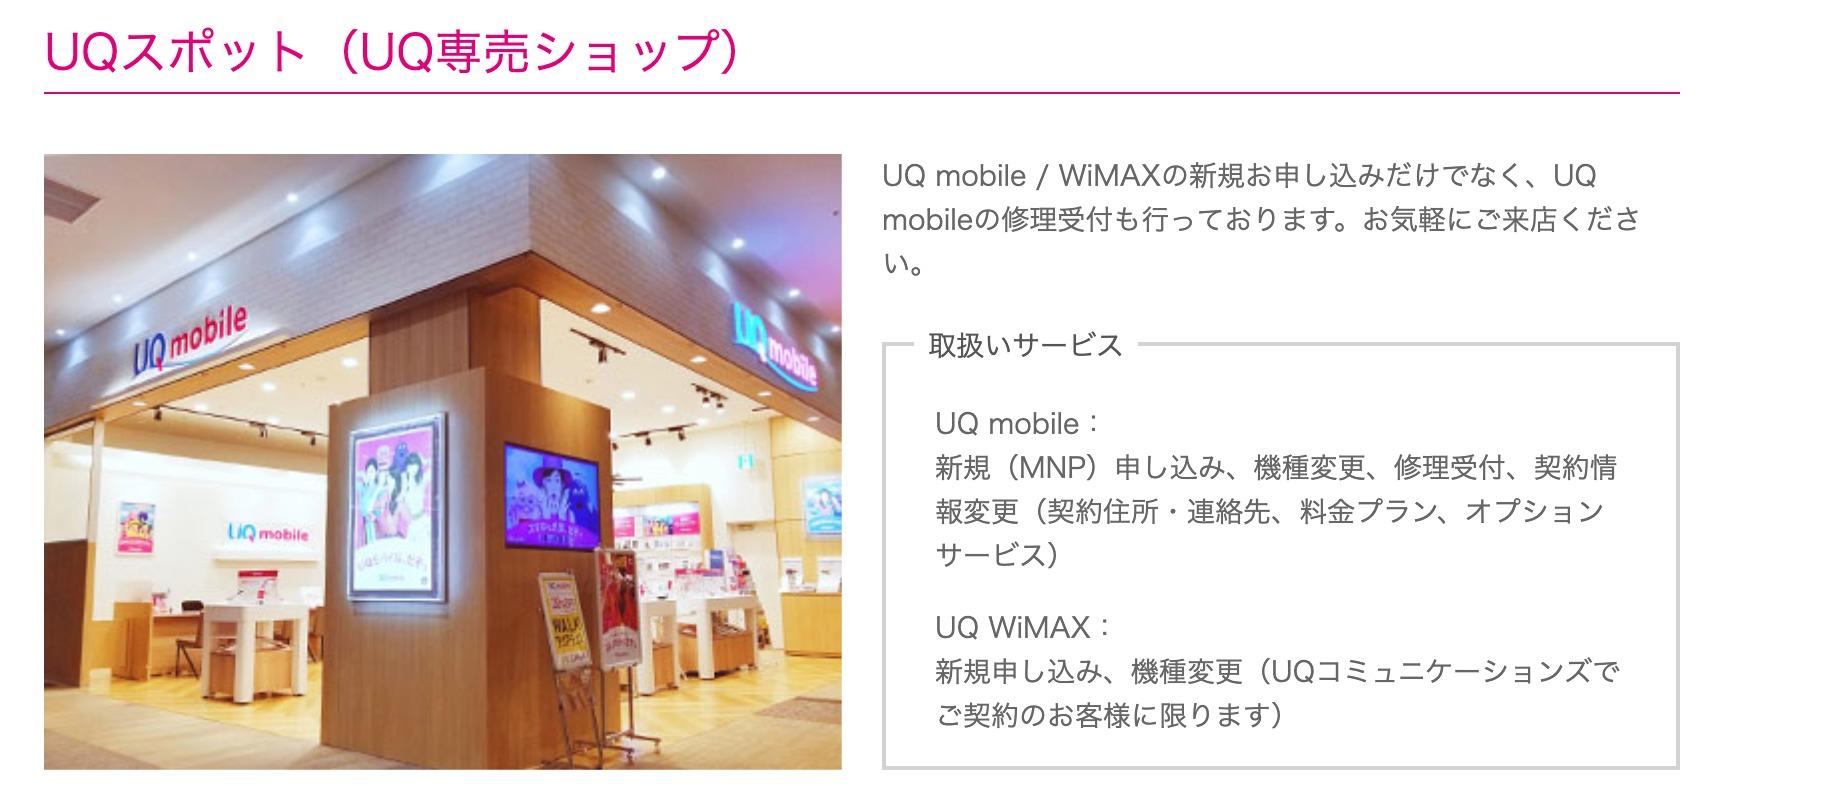 モバイル 変更 uq 機種